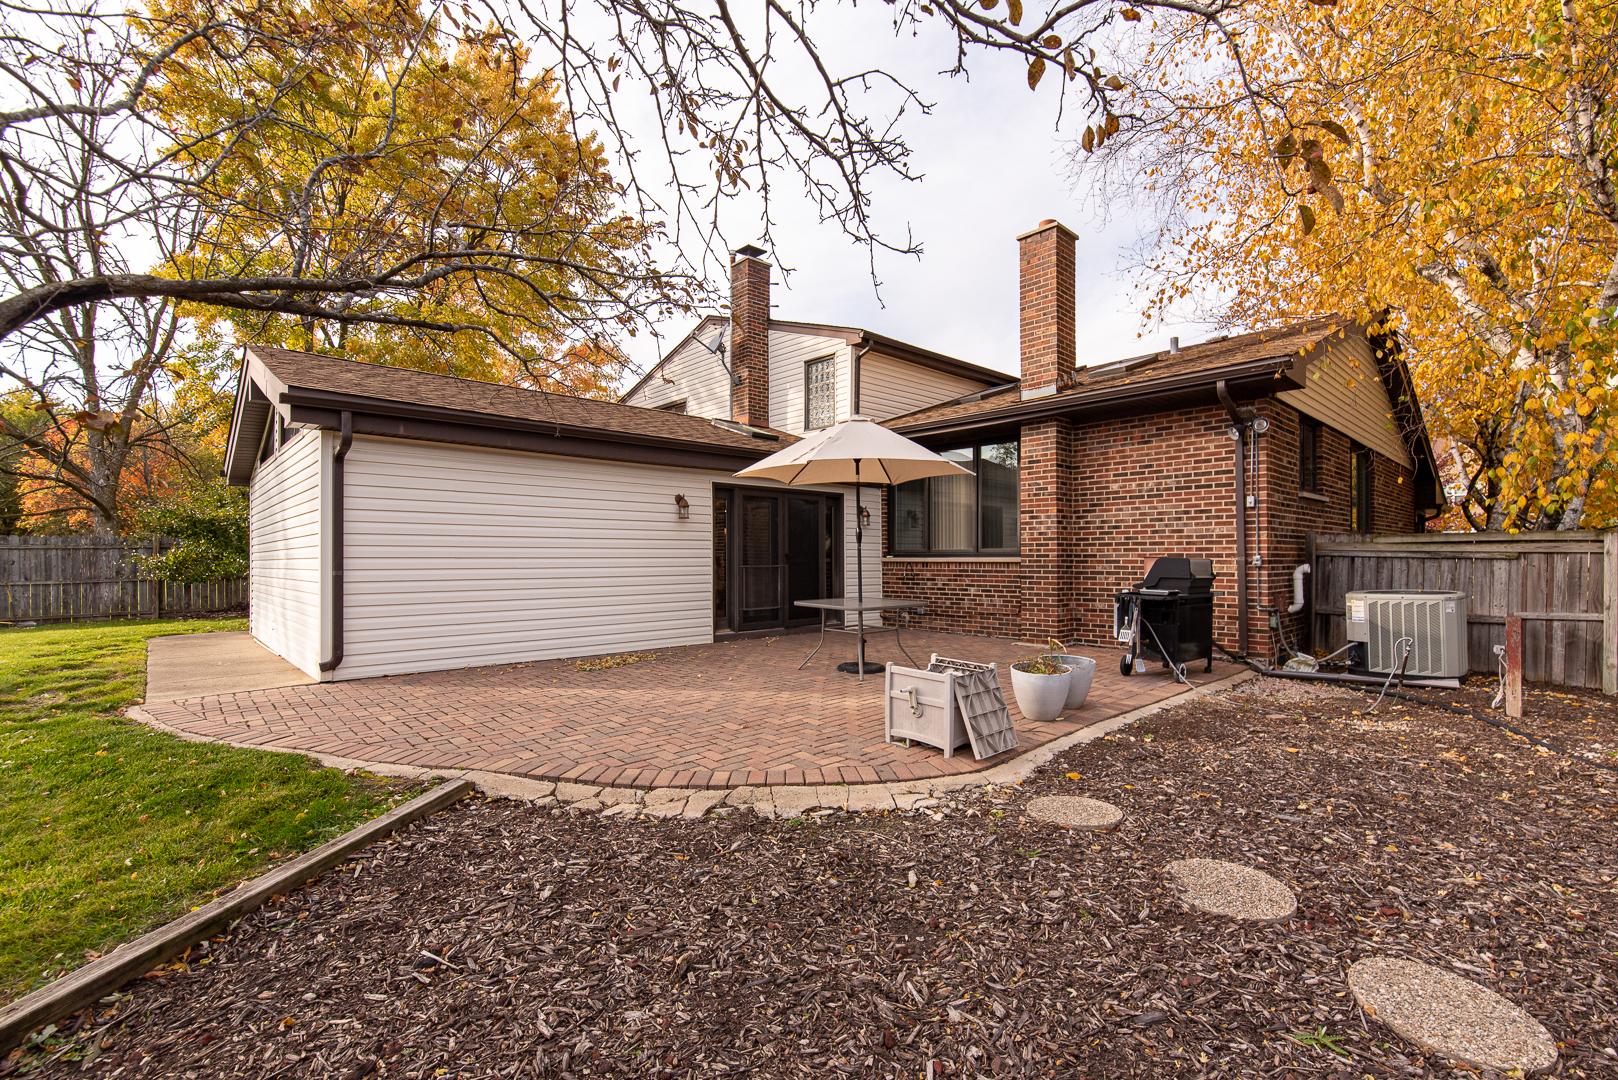 3823 Miller, Glenview, Illinois, 60026